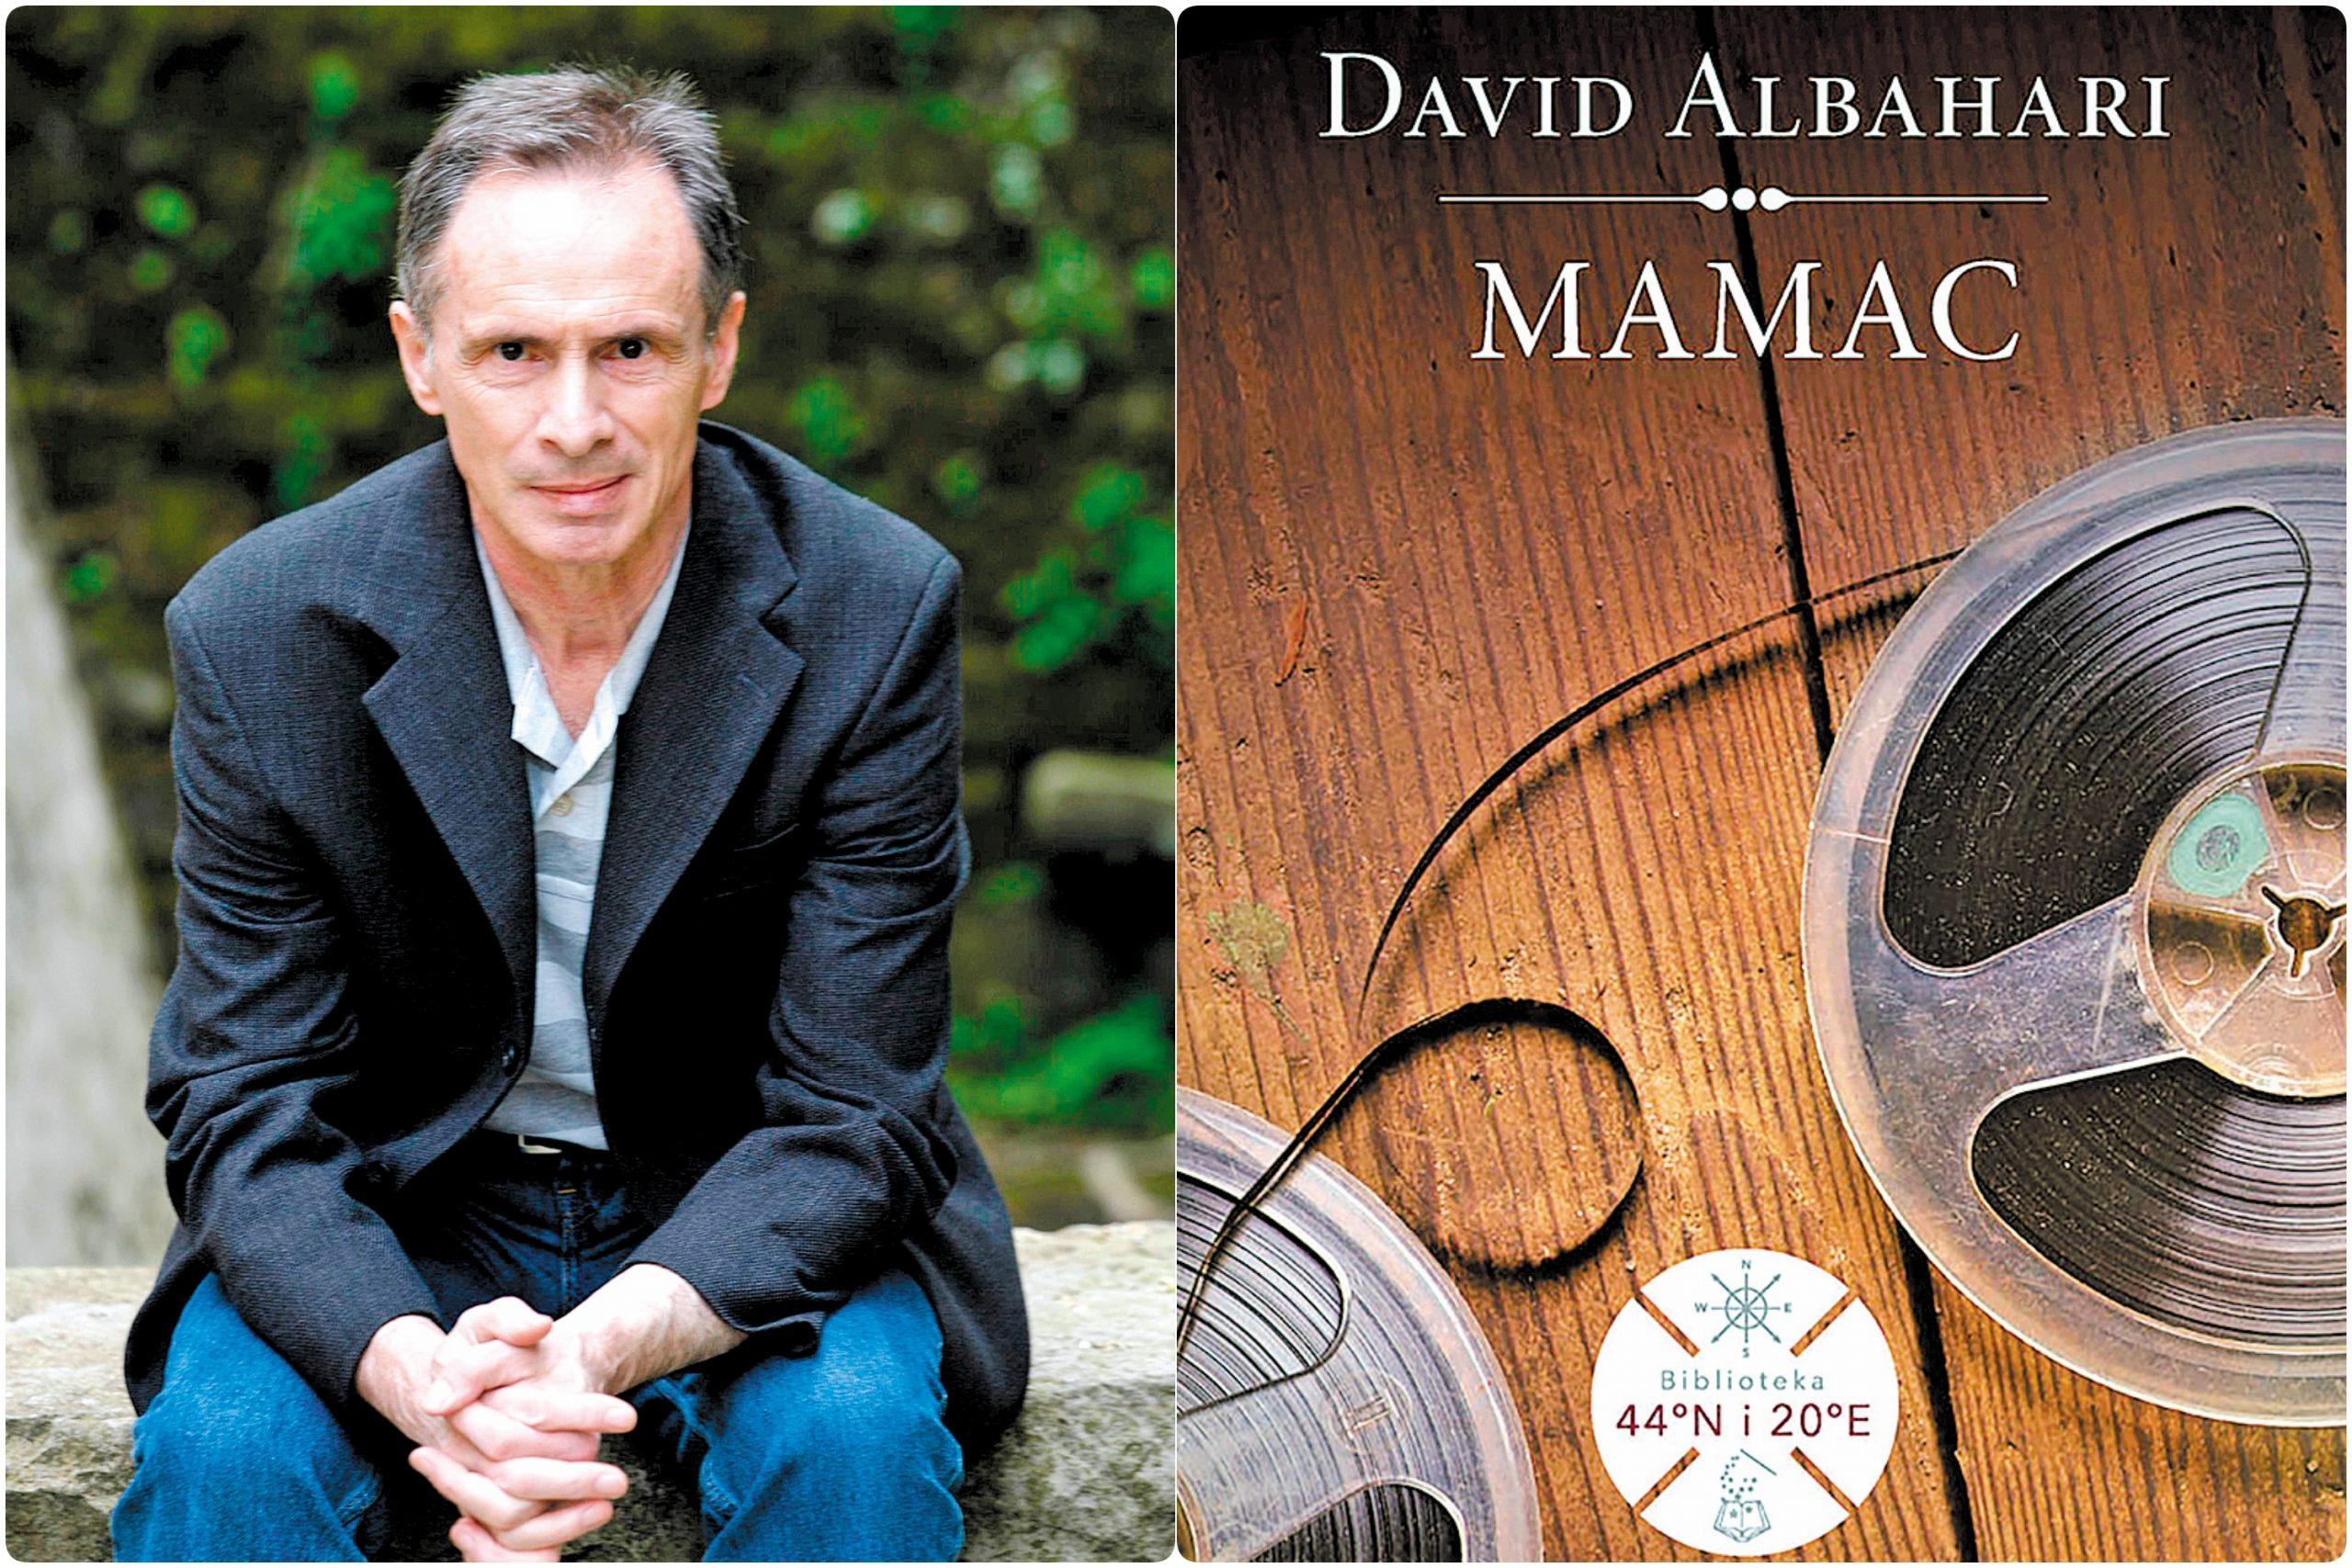 David Albahari i Mamac